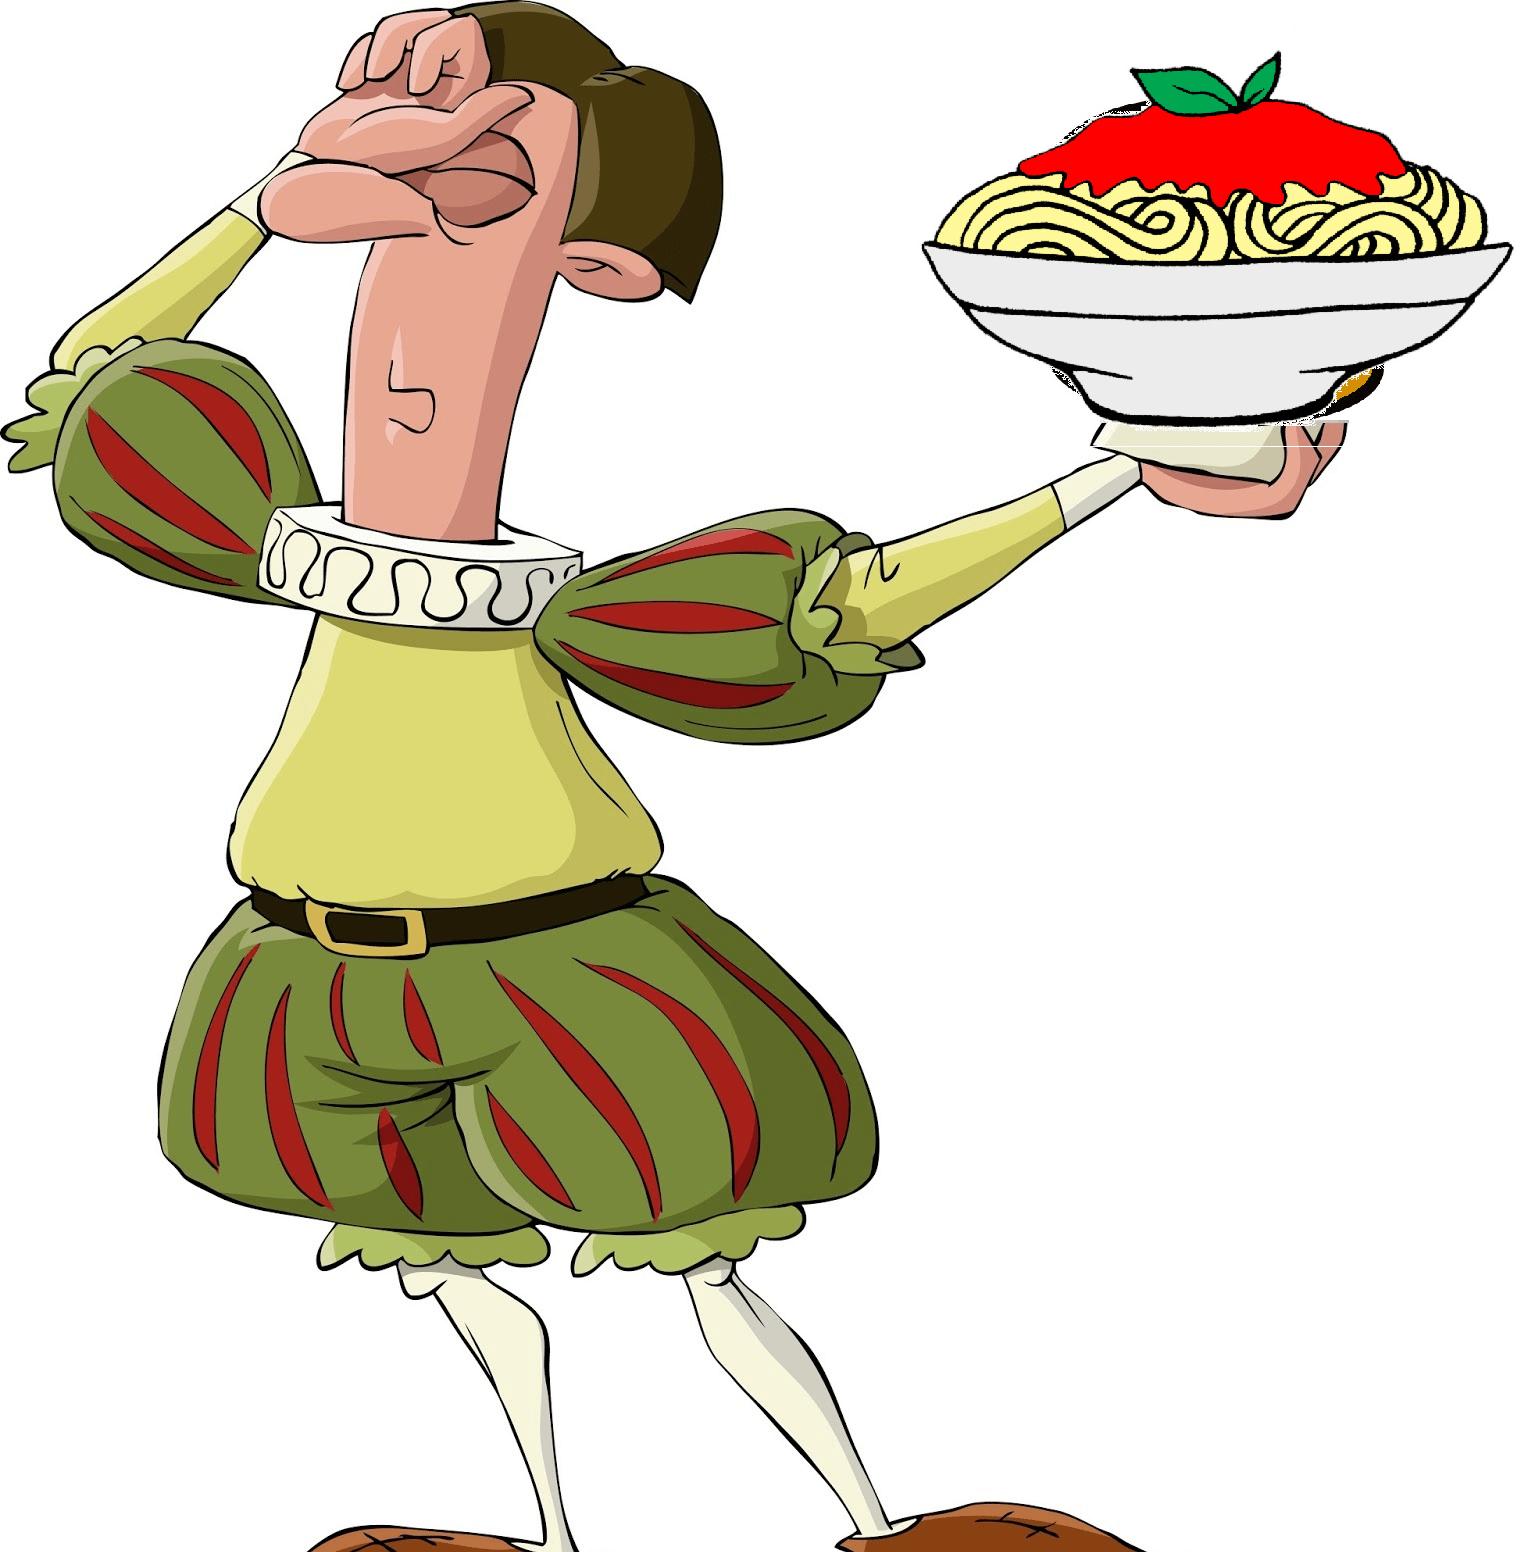 Mangiare o non mangiare al ristorante, questo è il dilemma